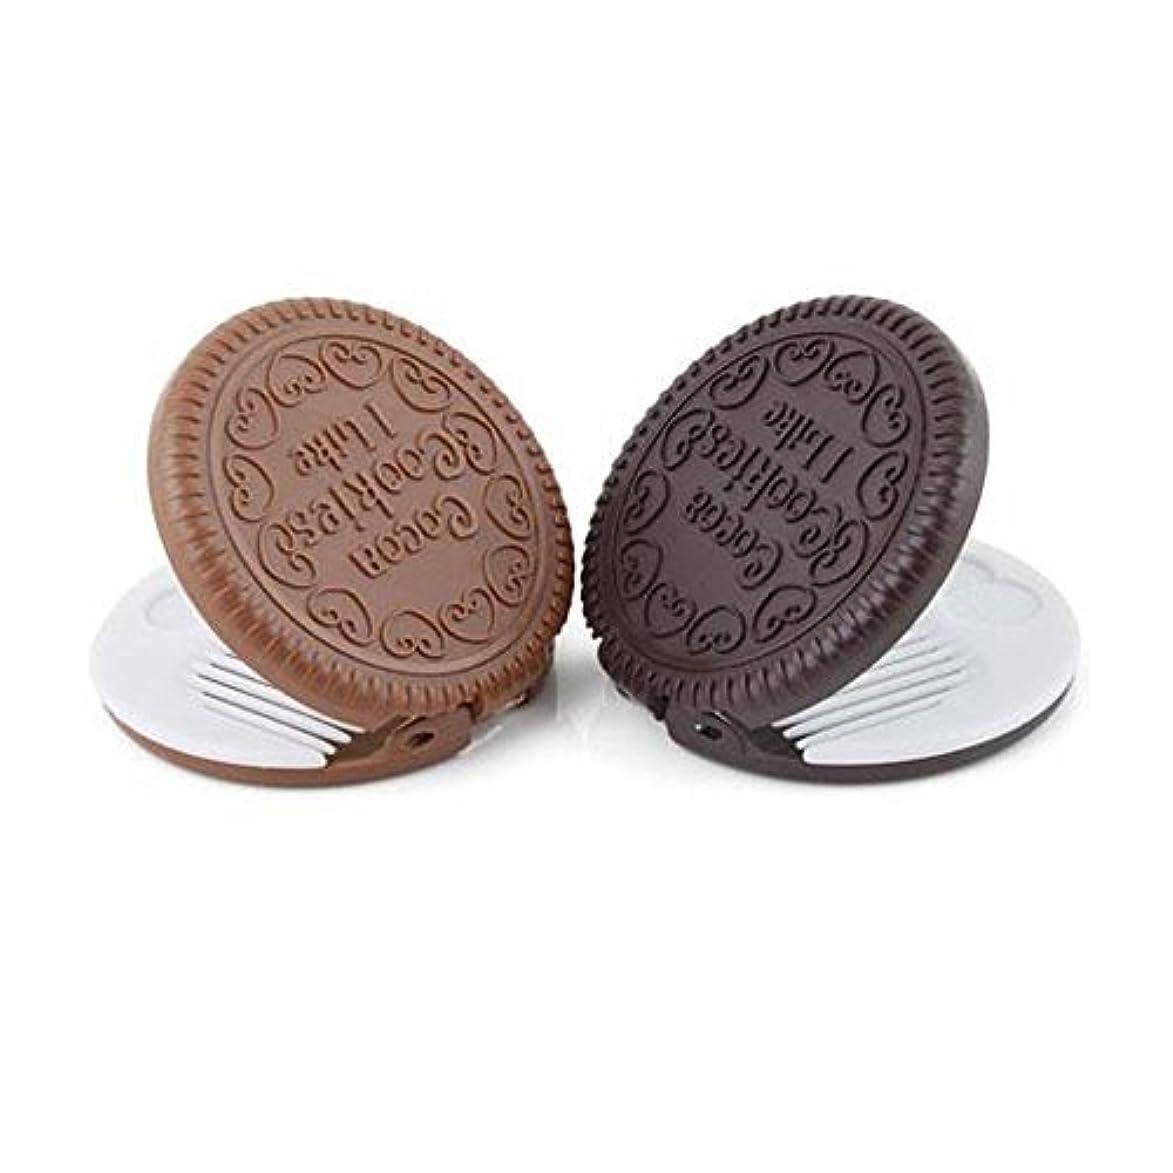 艶カロリーボーカルyueton Pack of 2 Mini Pocket Chocolate Cookie Compact Mirror with Comb [並行輸入品]